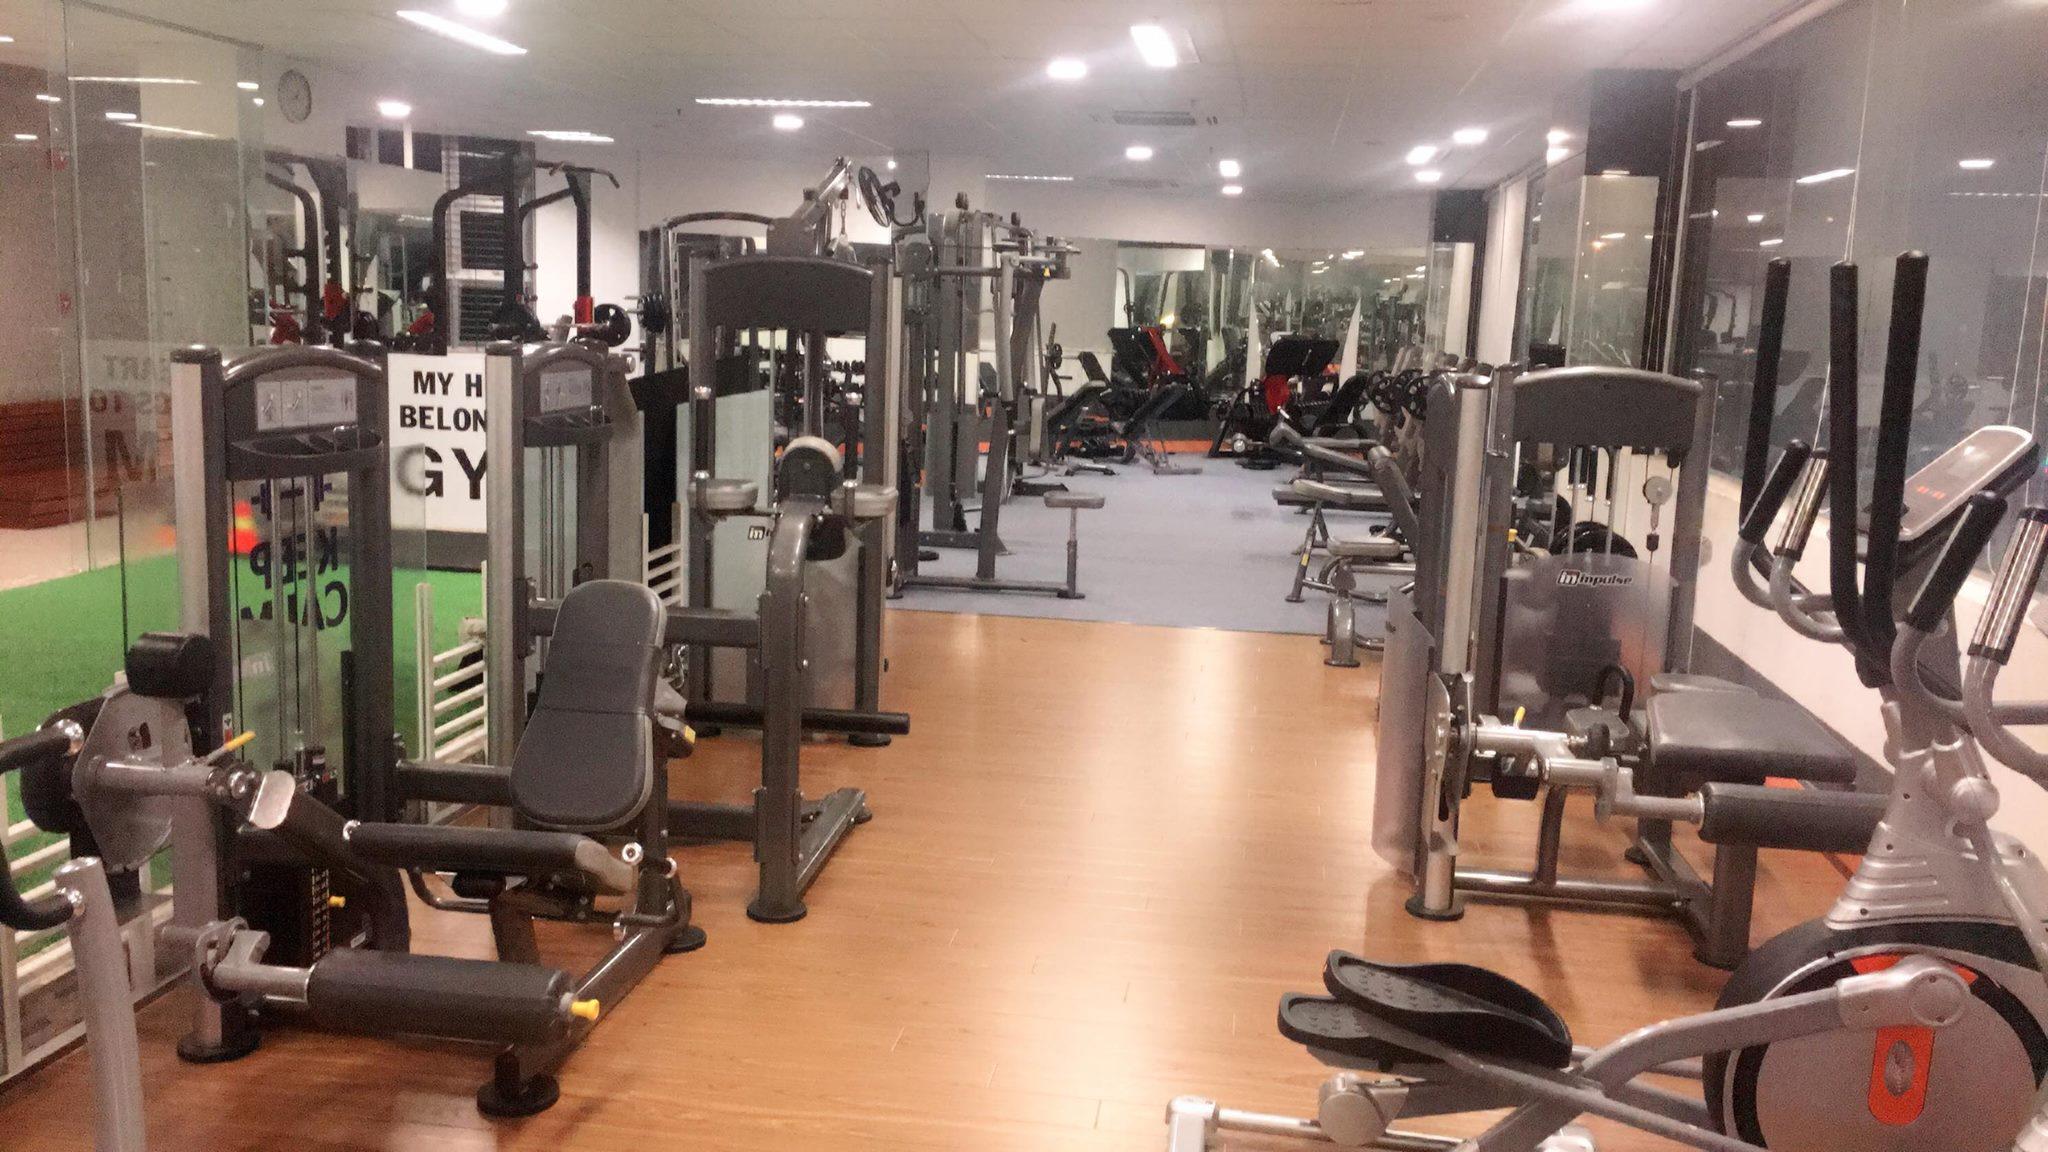 Những phòng tập gym quận 5 chất lượng tại thành phố Hồ Chí Minh 3